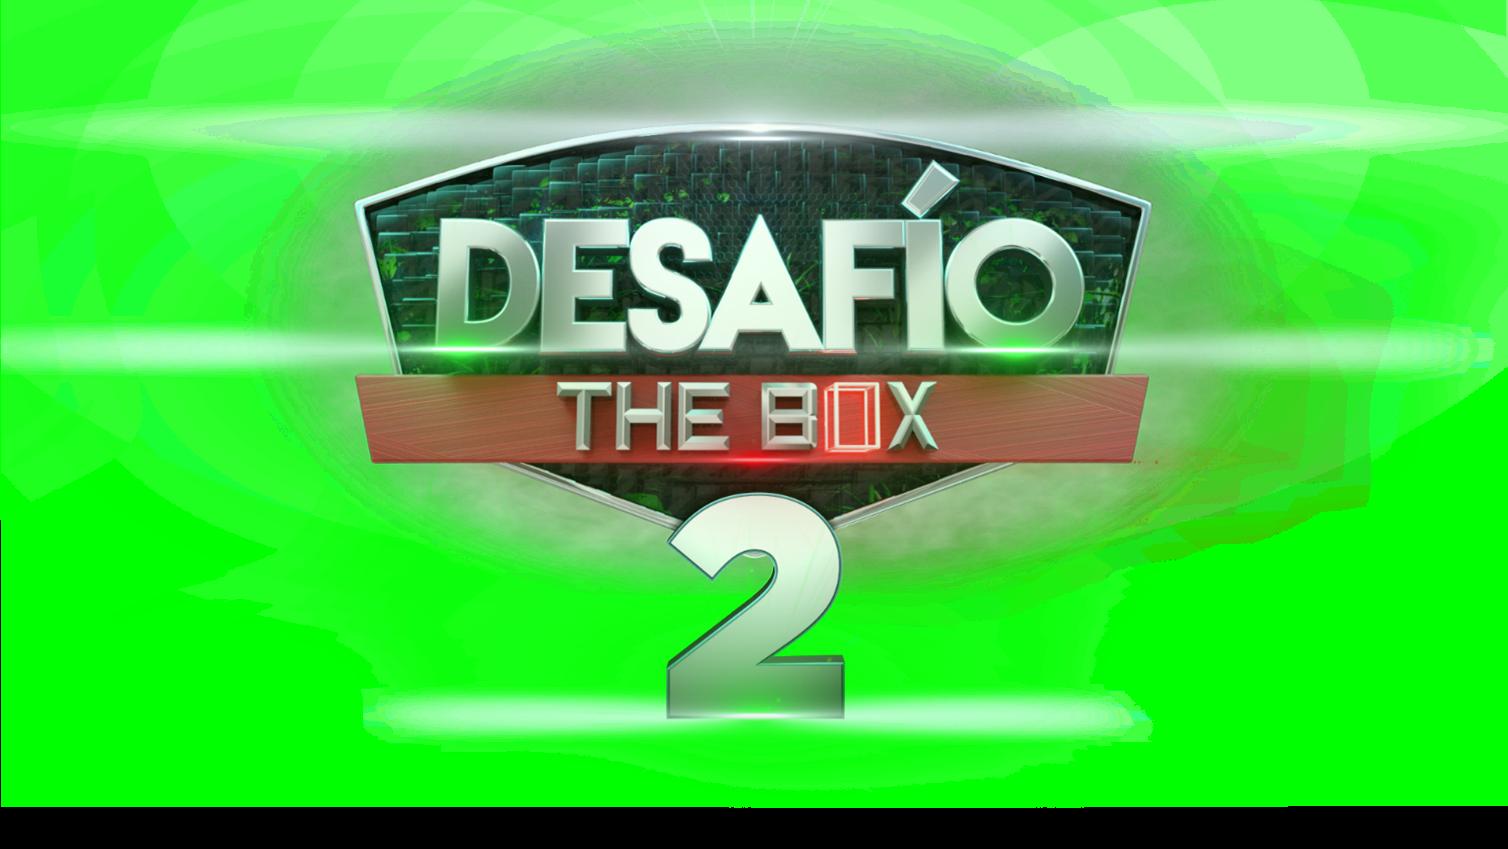 ¡Ya están abiertas las inscripciones para el 'Desafío The Box 2'!